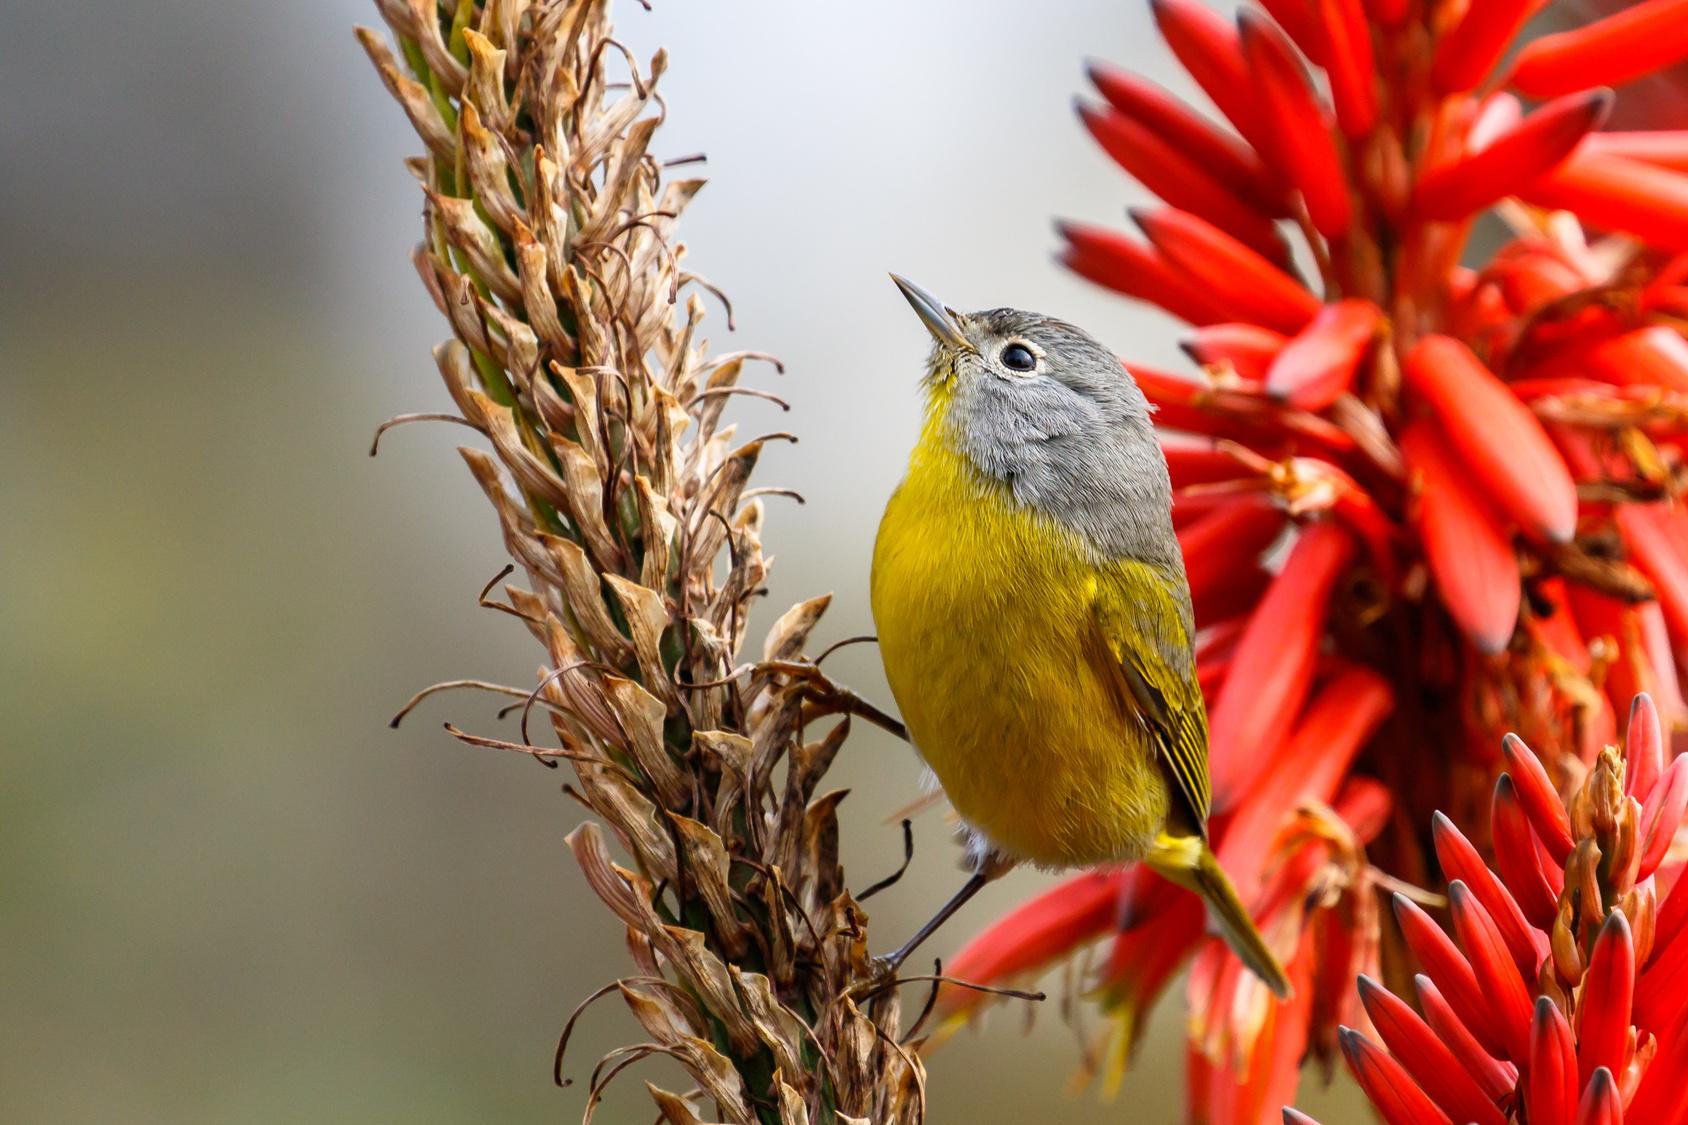 Kleiner gelb-grauer Vogel zwischen Pflanzen.